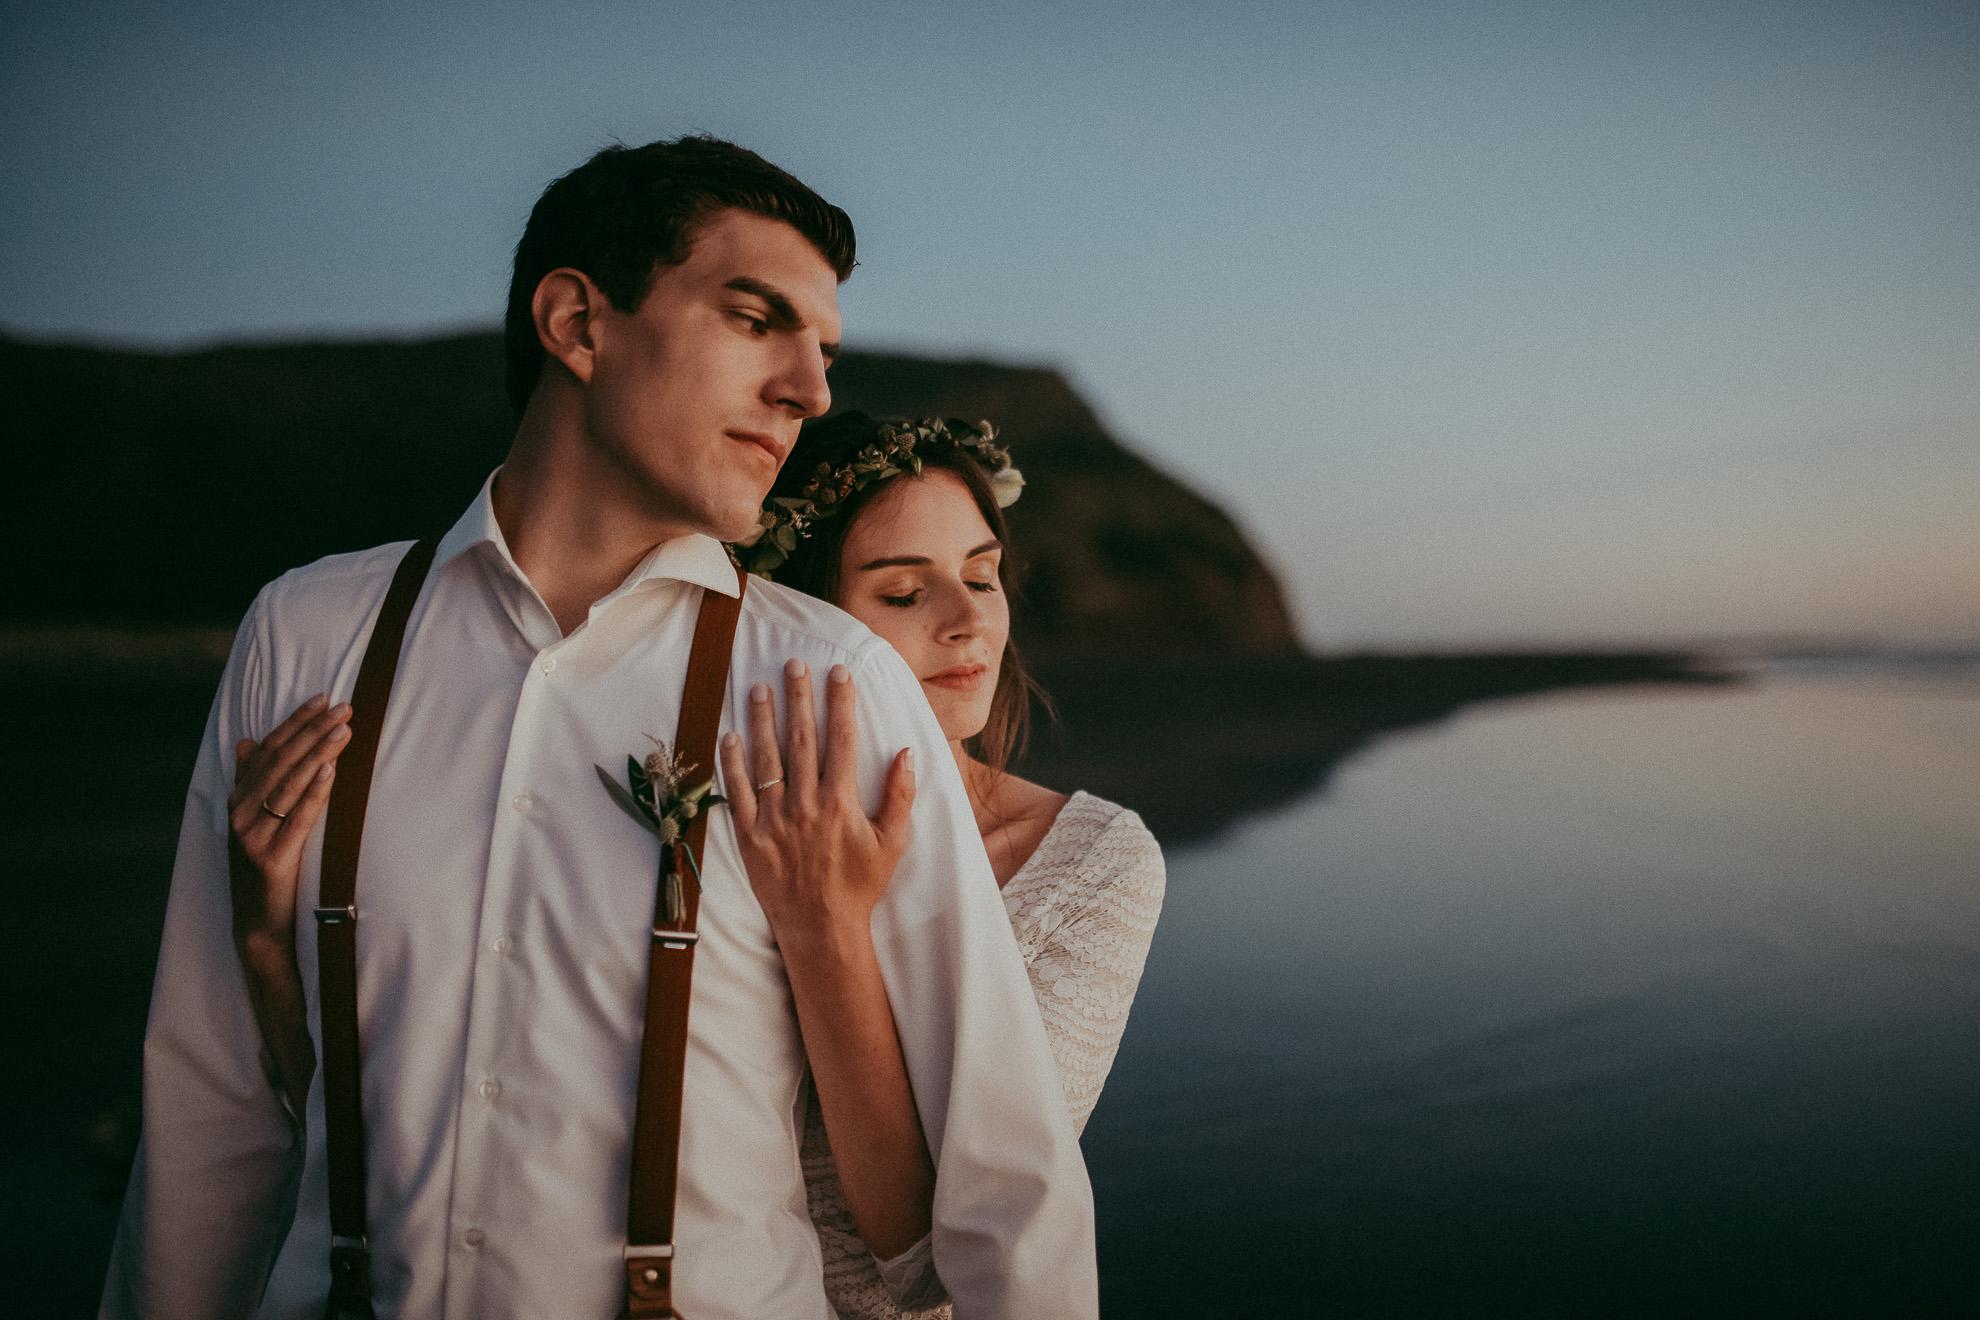 Wedding Photography - Real Weddings